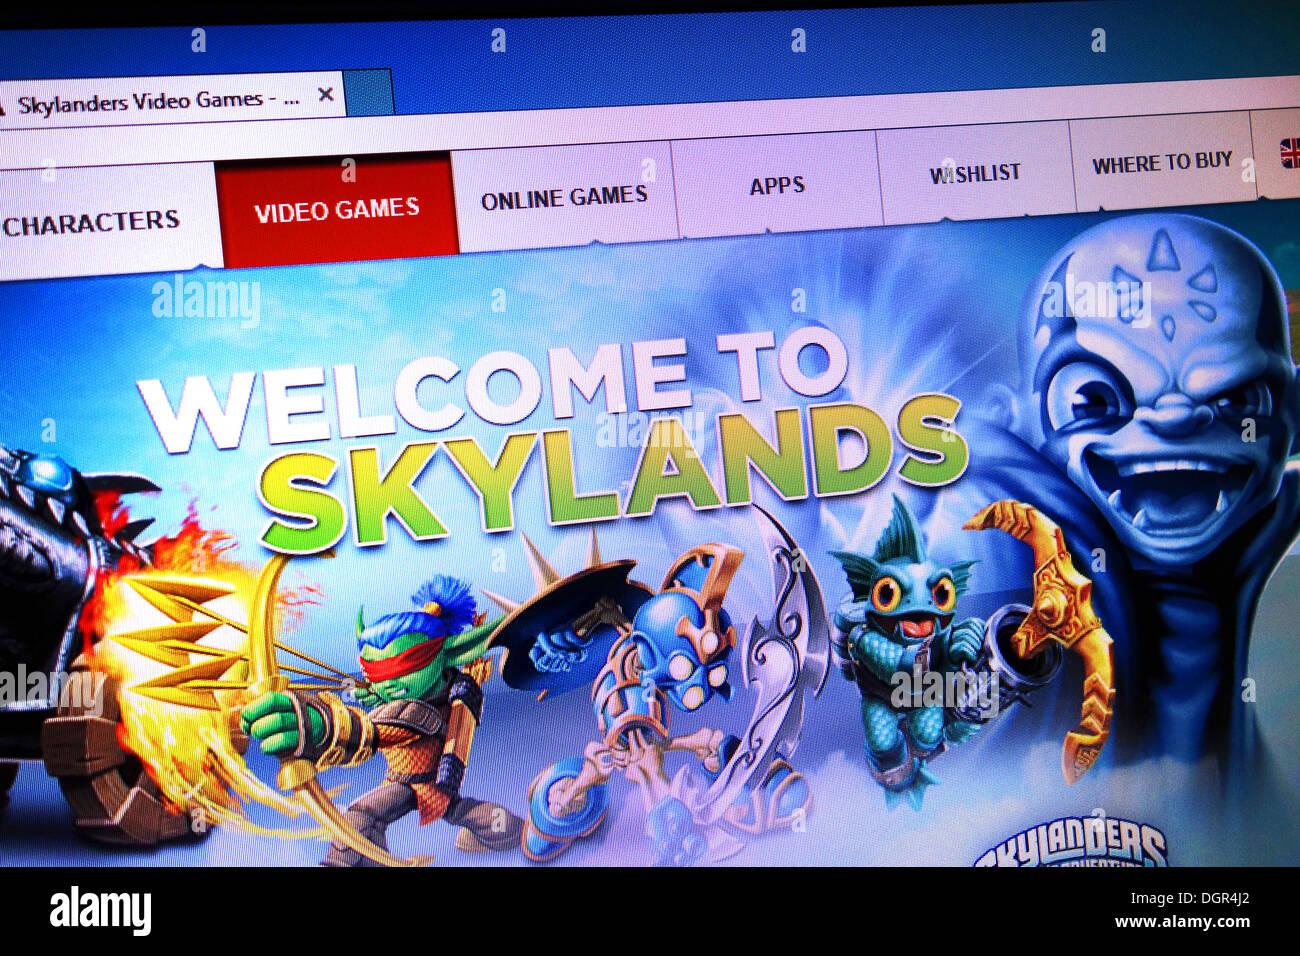 Juego online skylands Imagen De Stock